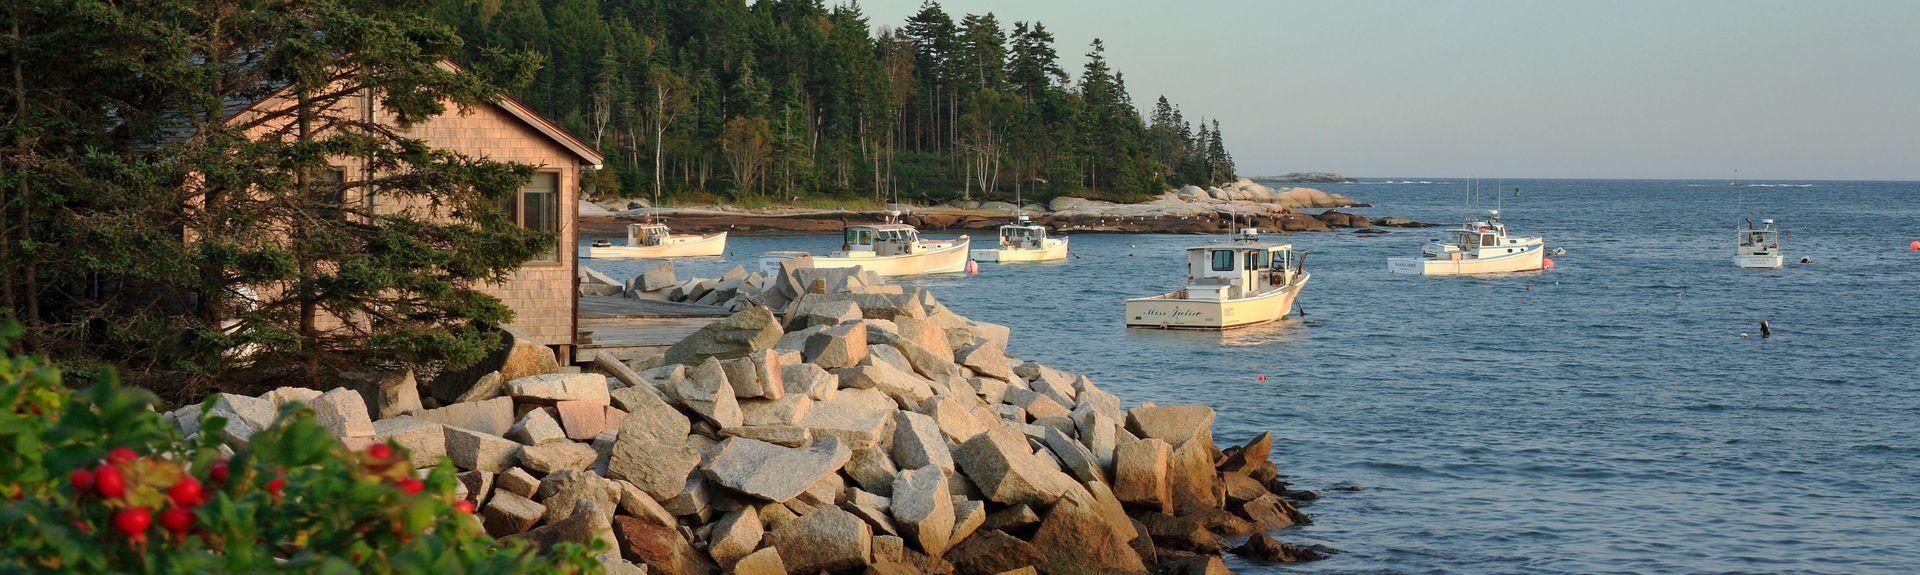 South Thomaston, Maine, United States